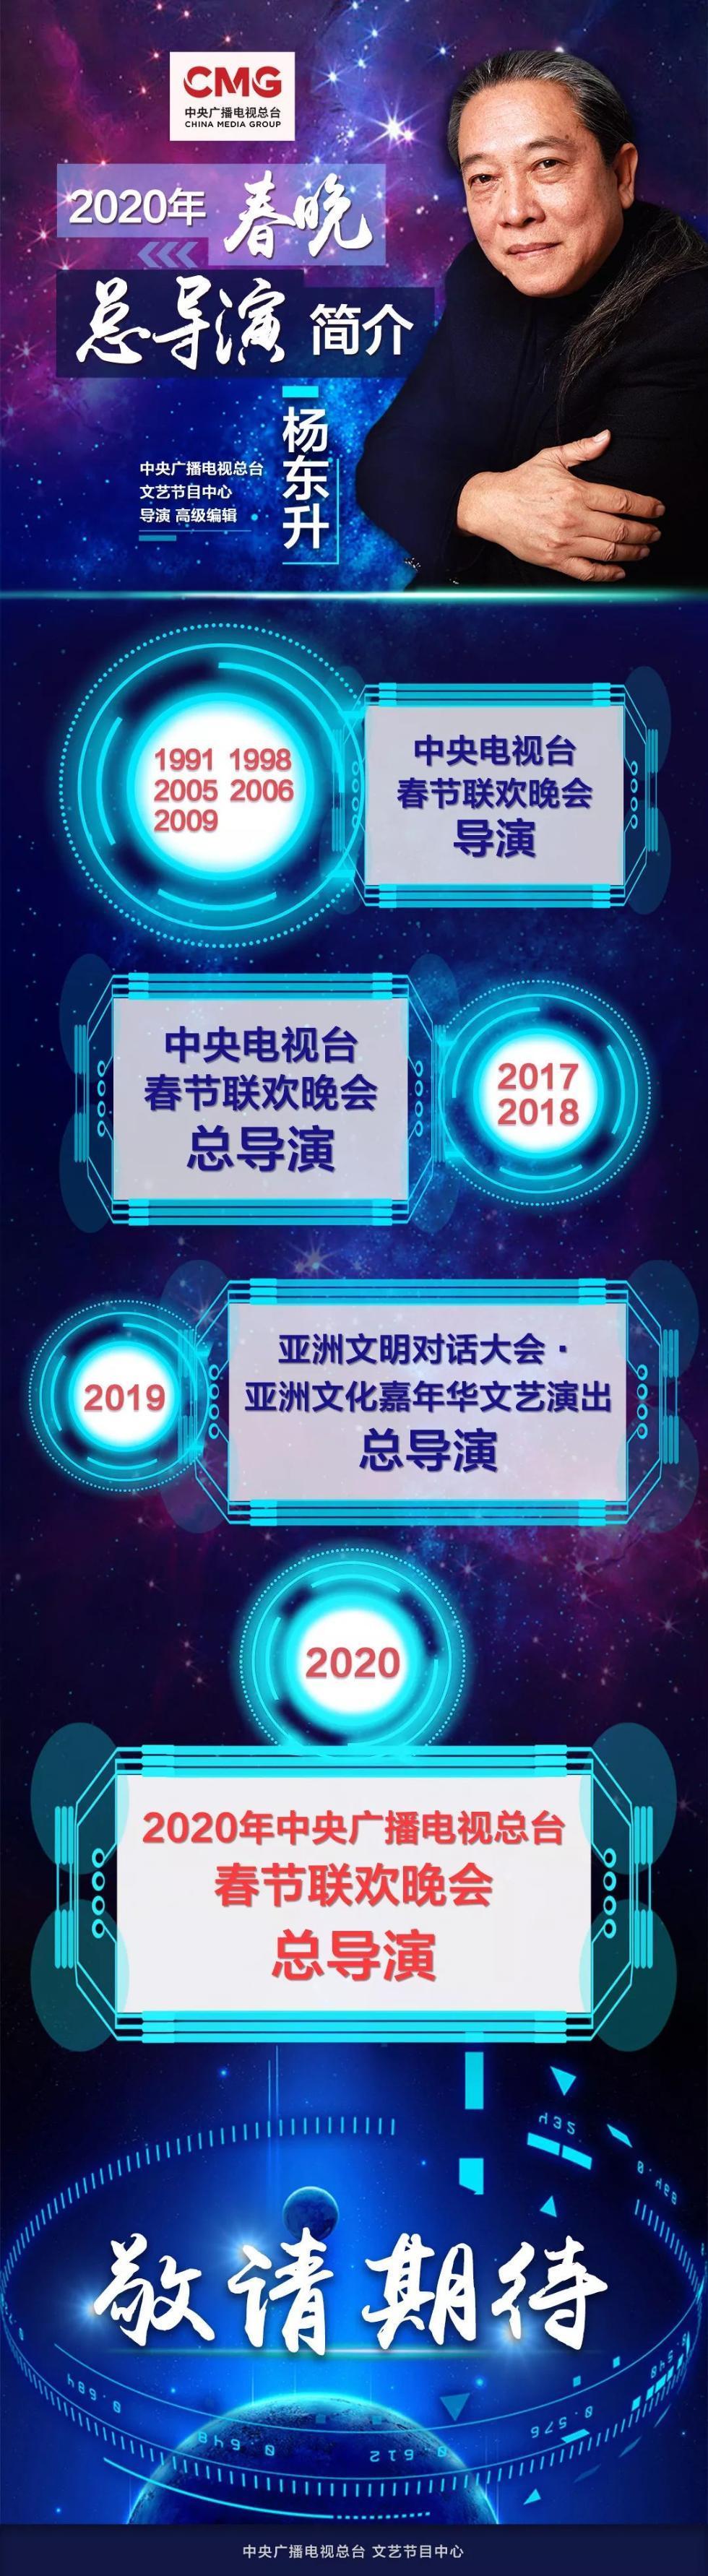 杨东升任2020春晚导演上热搜!这3位主持人被强烈要求说相声